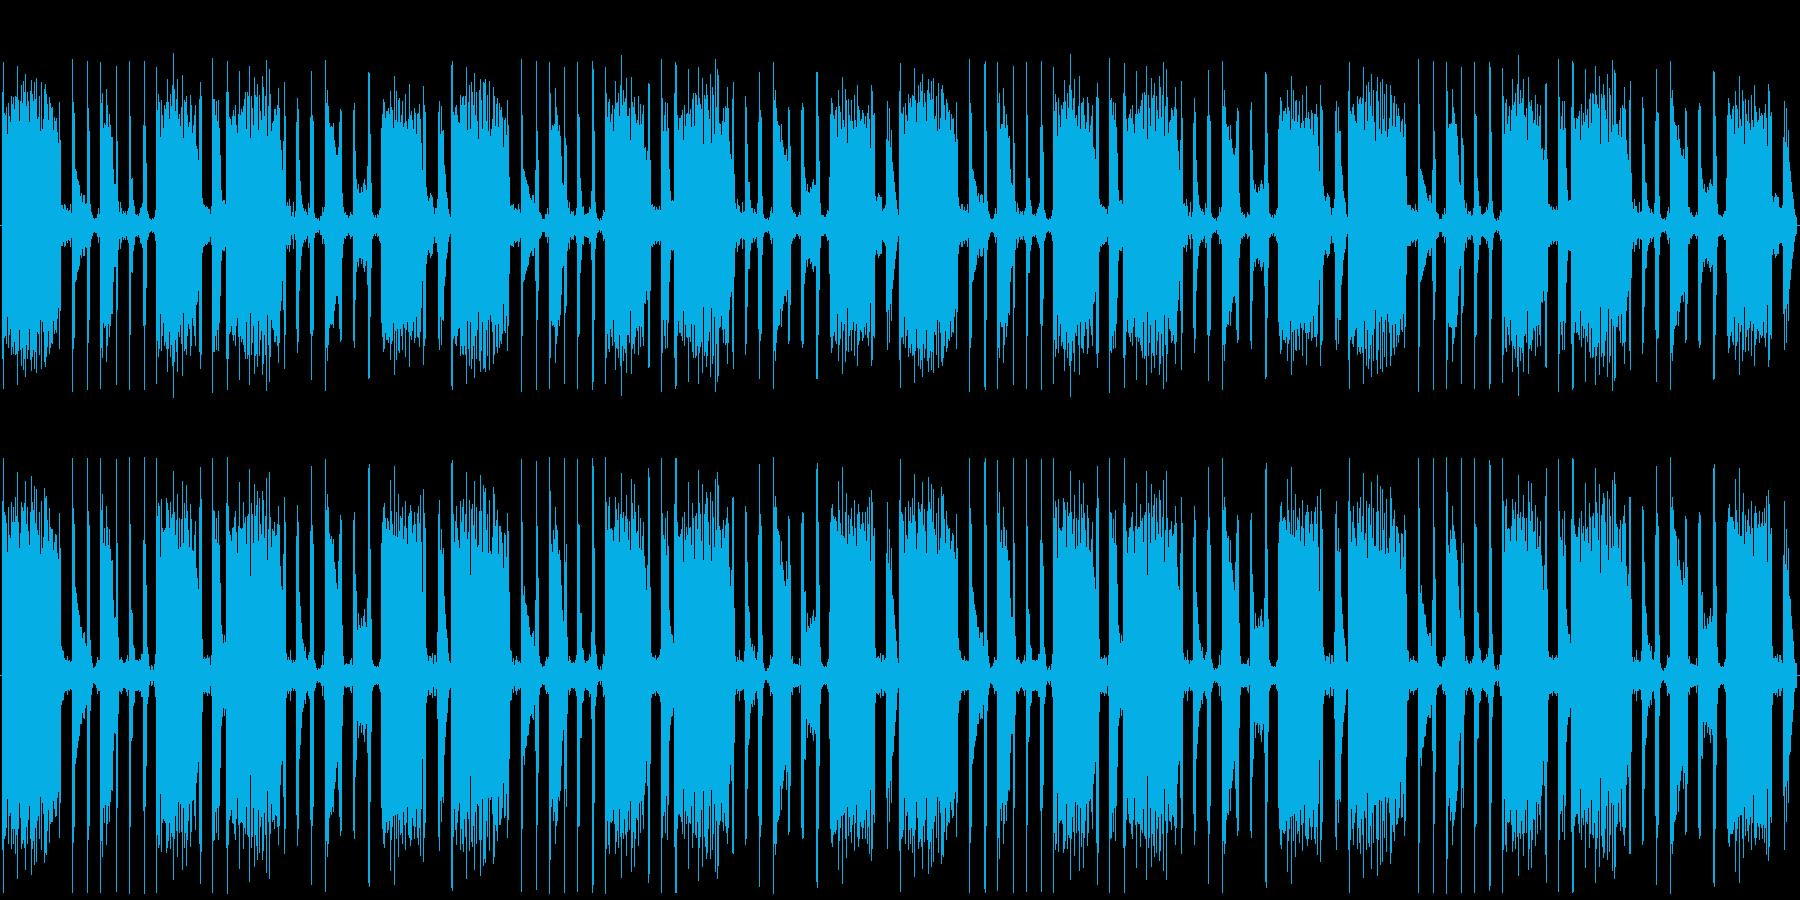 【軽快/ギター/カッティング/ポップス】の再生済みの波形